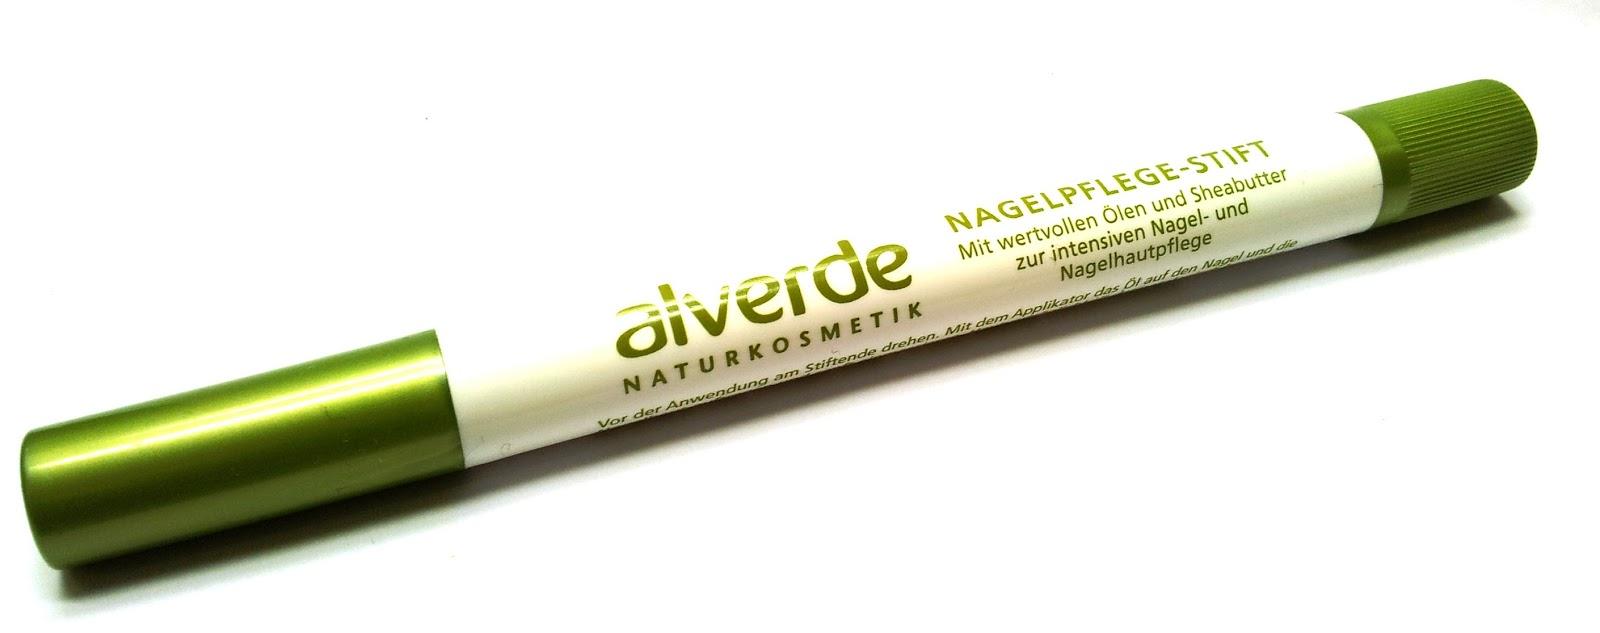 alverde: Nagelpflegestift mit Ölen und Sheabutter